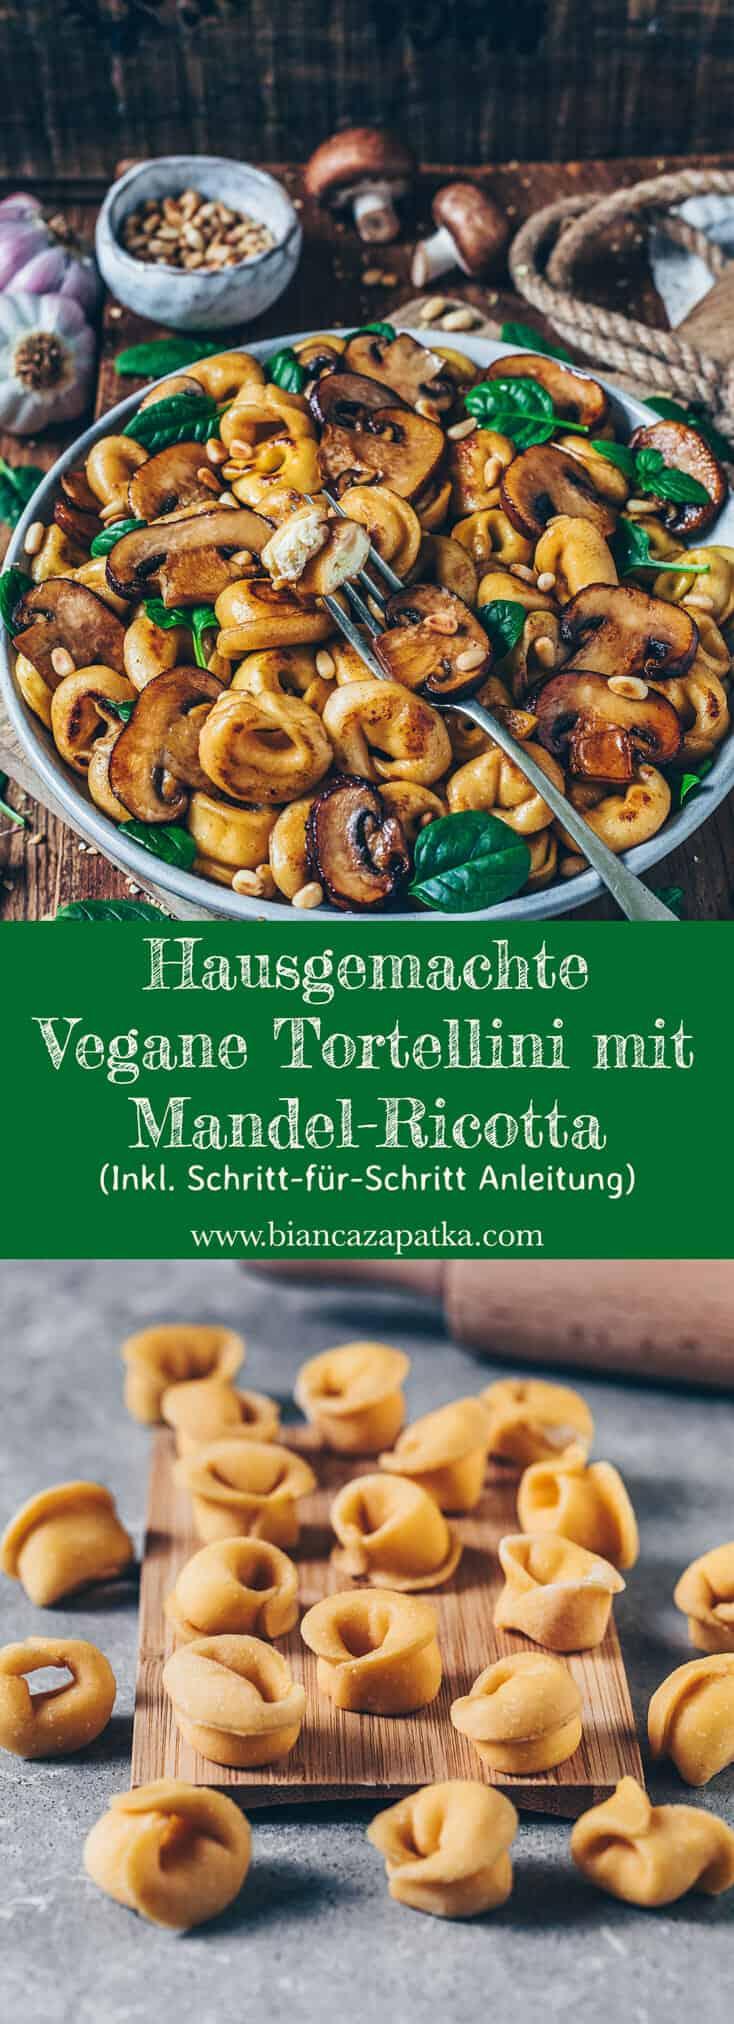 Hausgemachte vegane Tortellini, gefüllt mit Mandel-Ricotta, sind einfach zuzubereiten und super lecker! Dieses Pasta-Rezept enthält eine Schritt-für-Schritt-Anleitung, um perfekte vegane Käse-Tortellini aus frischem Nudelteig herzustellen.